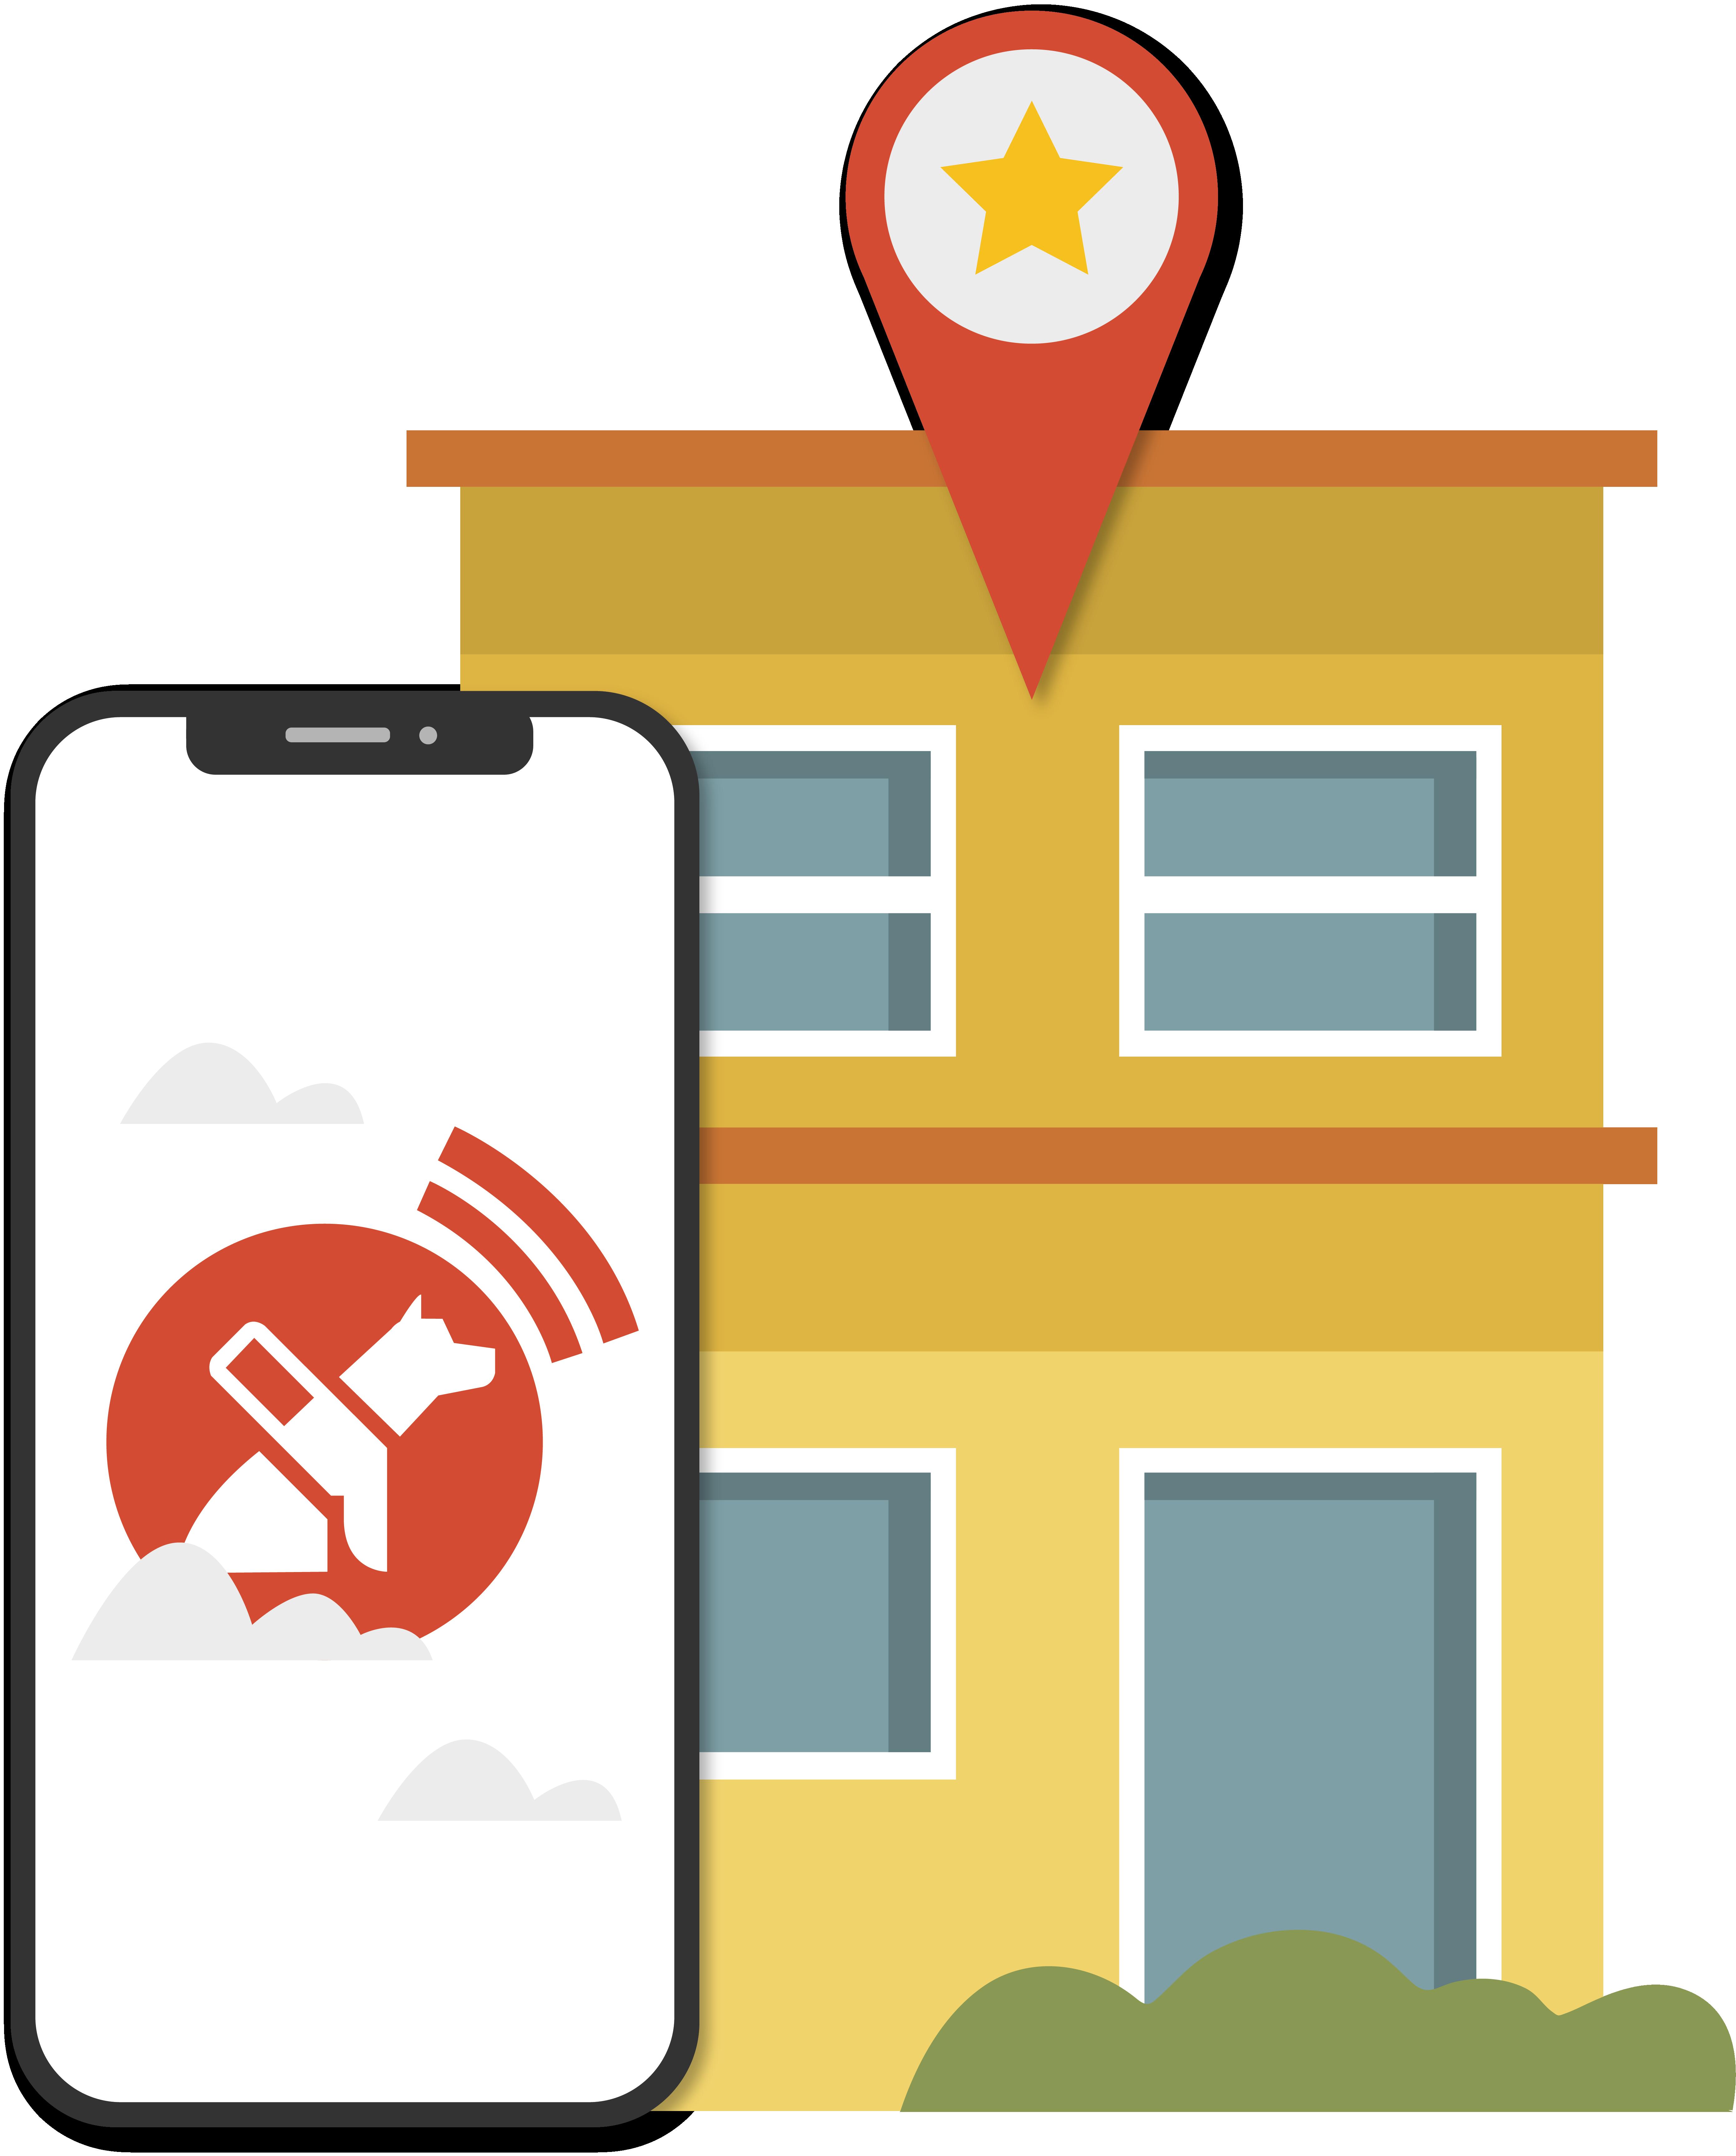 Un teléfono que muestra la aplicación Lazarillo está al lado de un edificio de apartamentos.